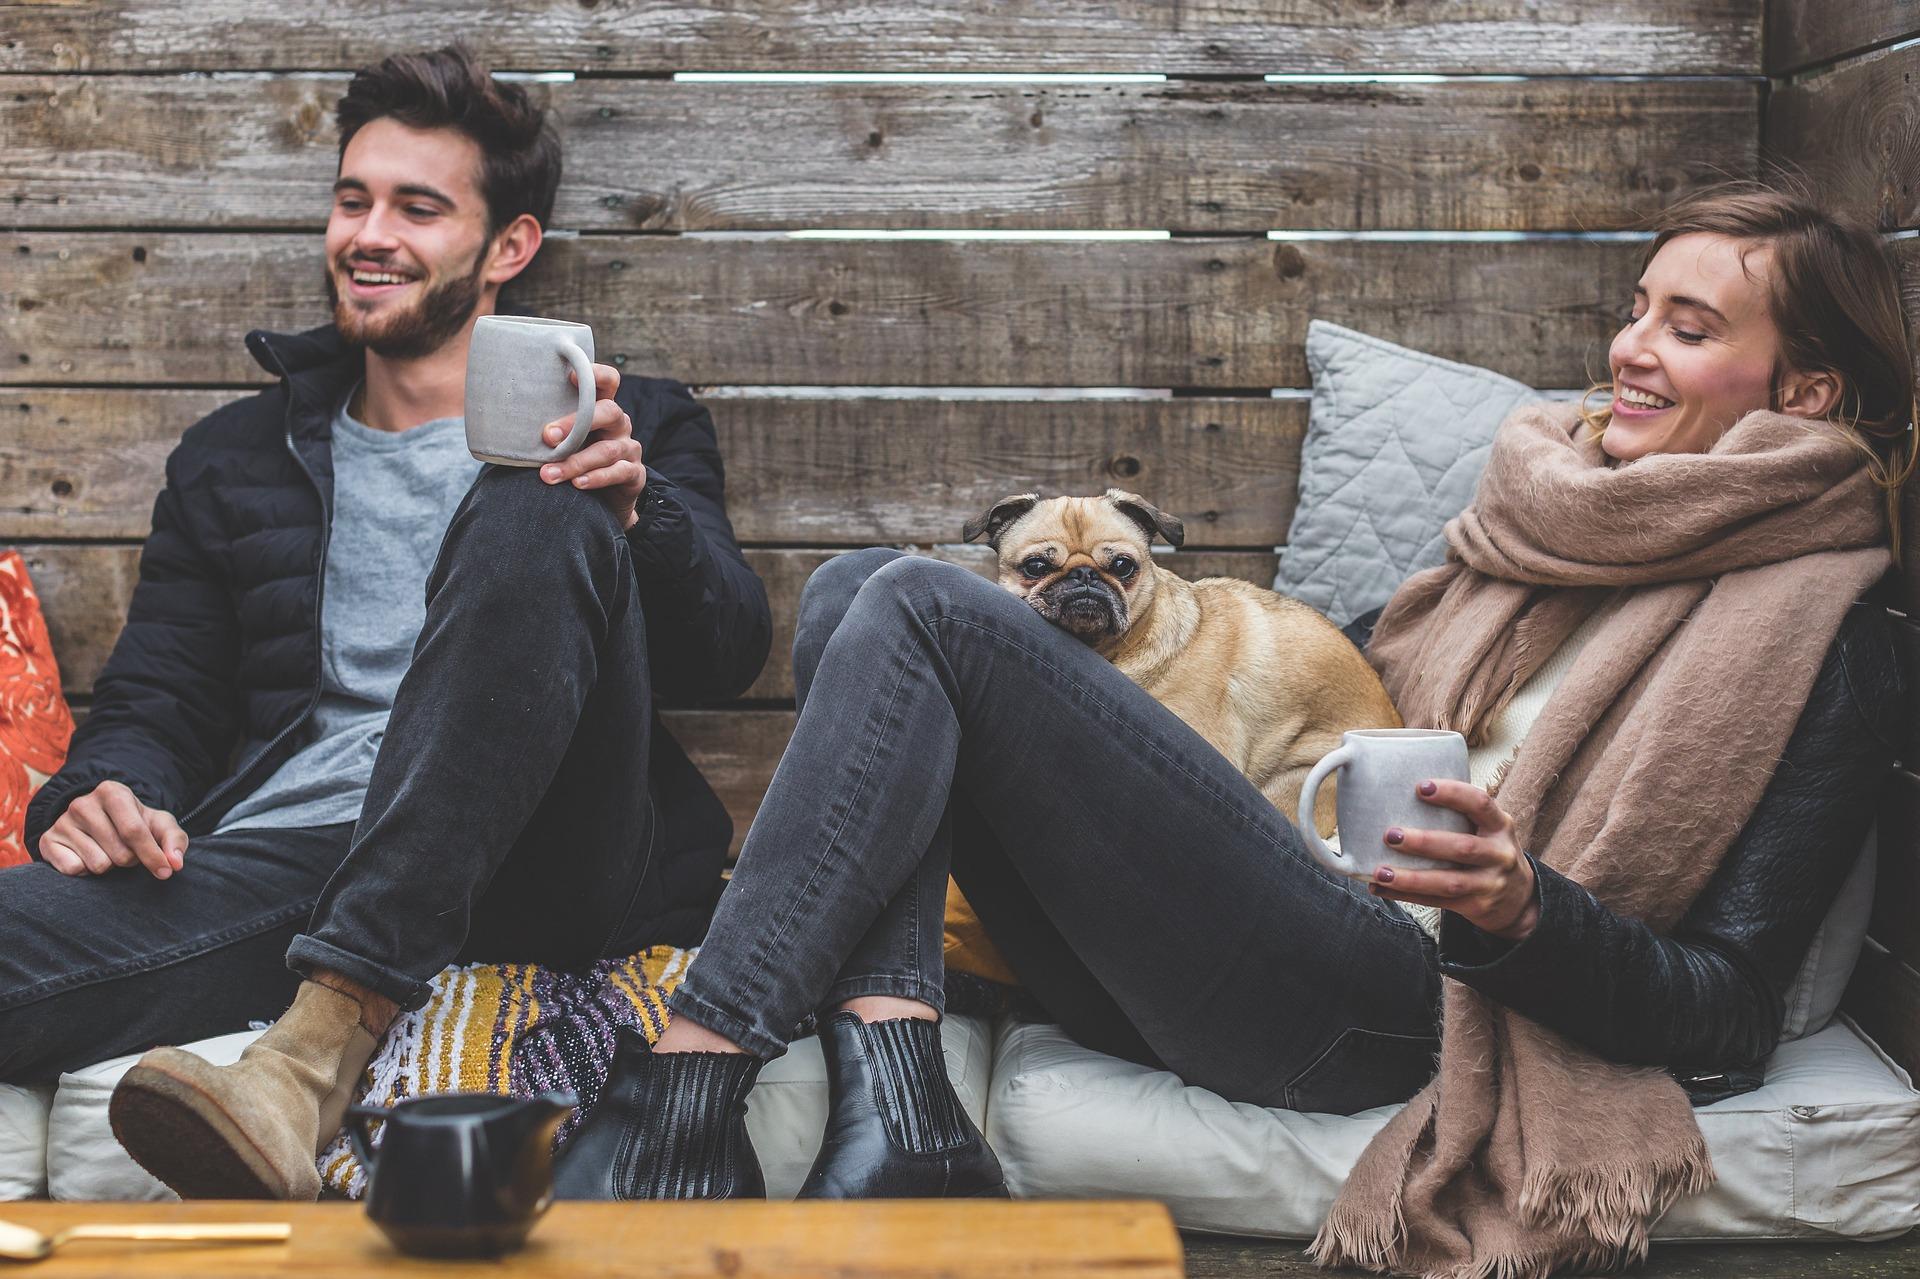 幸福感は本当に万能なのか?